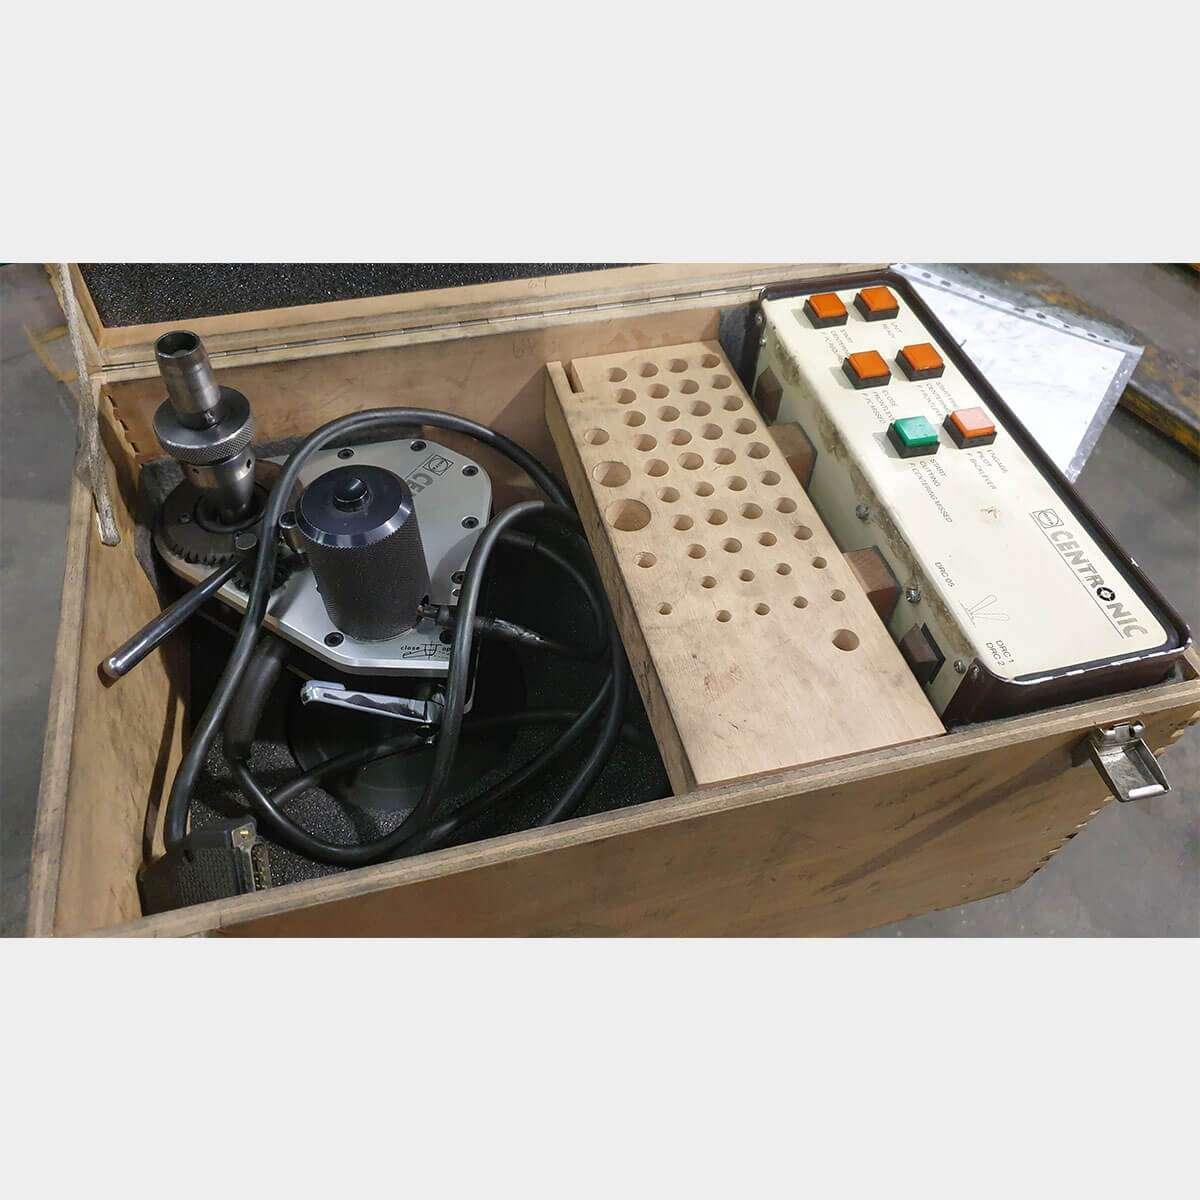 MU611 - MIRA Centronic Rectificadora De Asiento De Válvula Usada